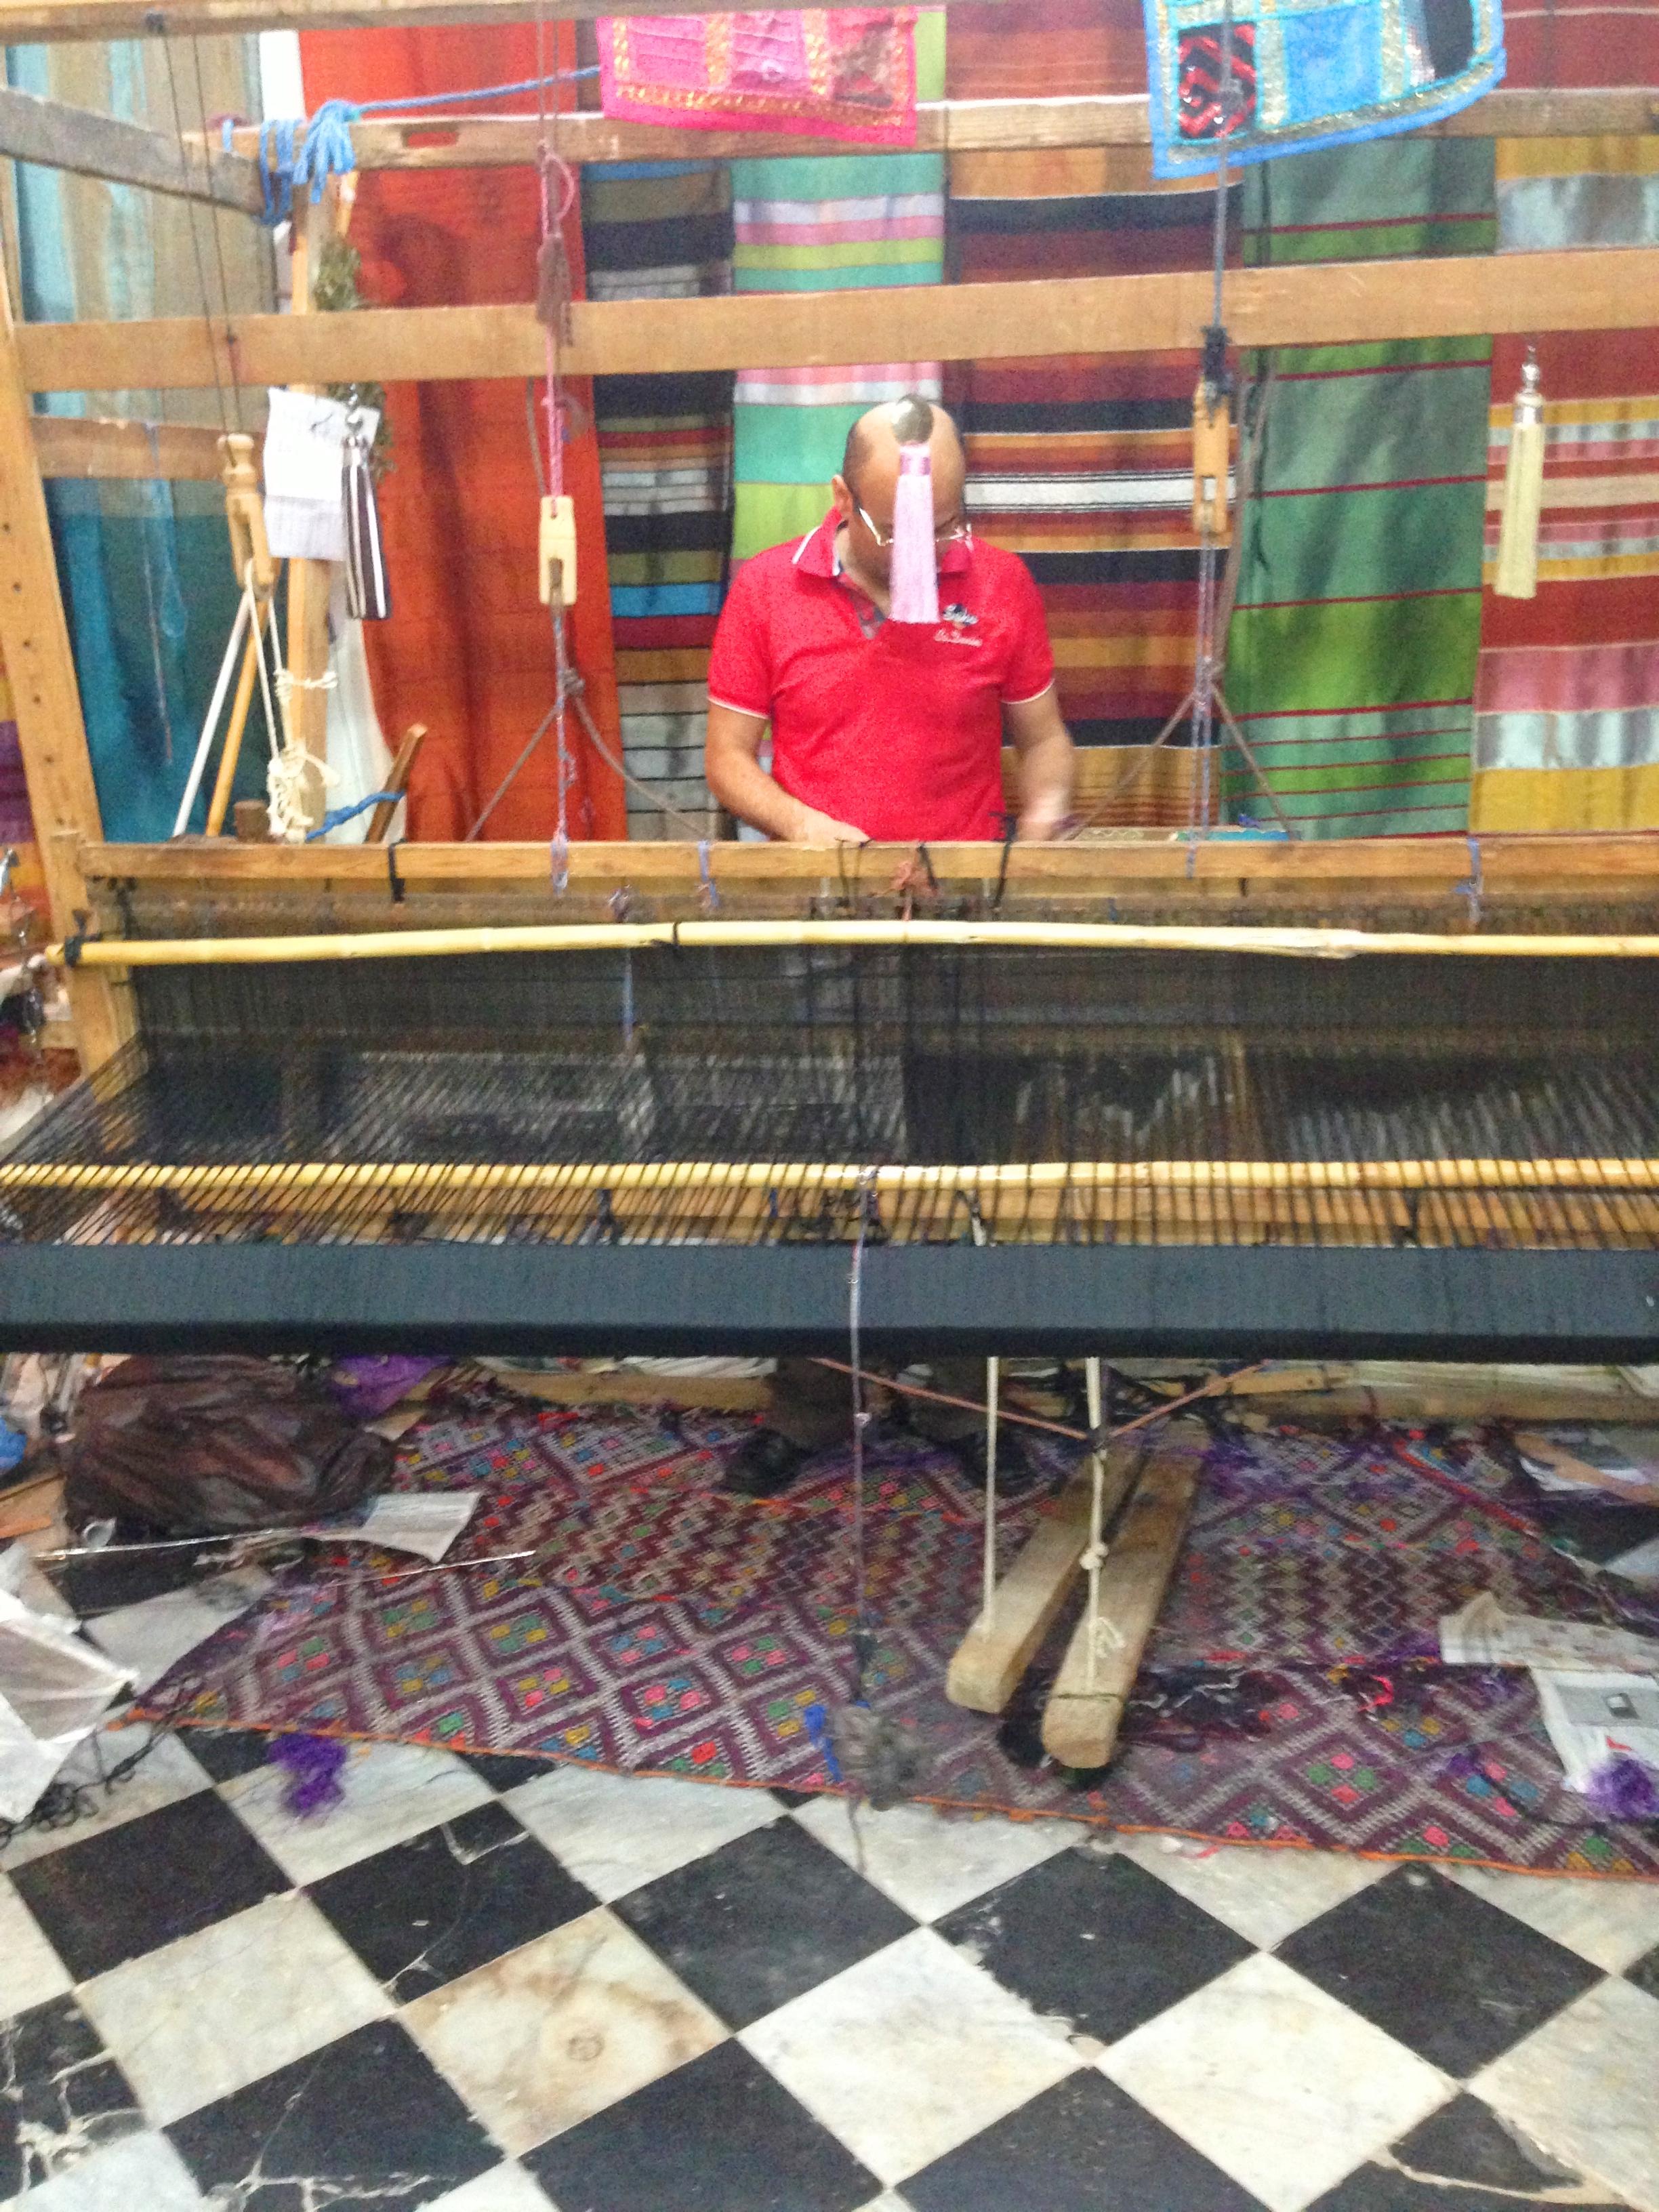 An artisan weaving threads at Berber Tissage